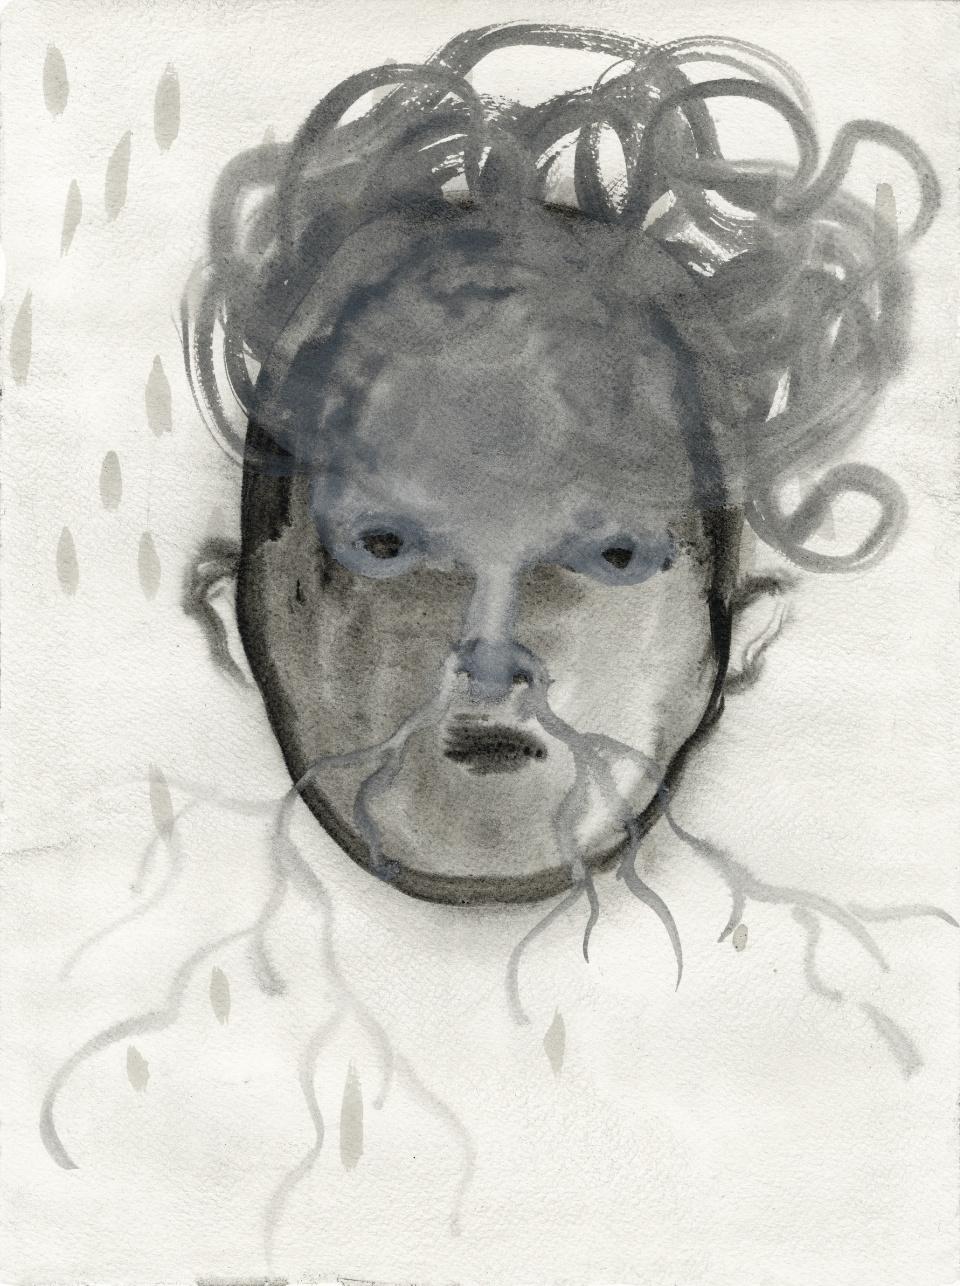 Alice Musiol - Gesicht Nasenwurzeln - 2011